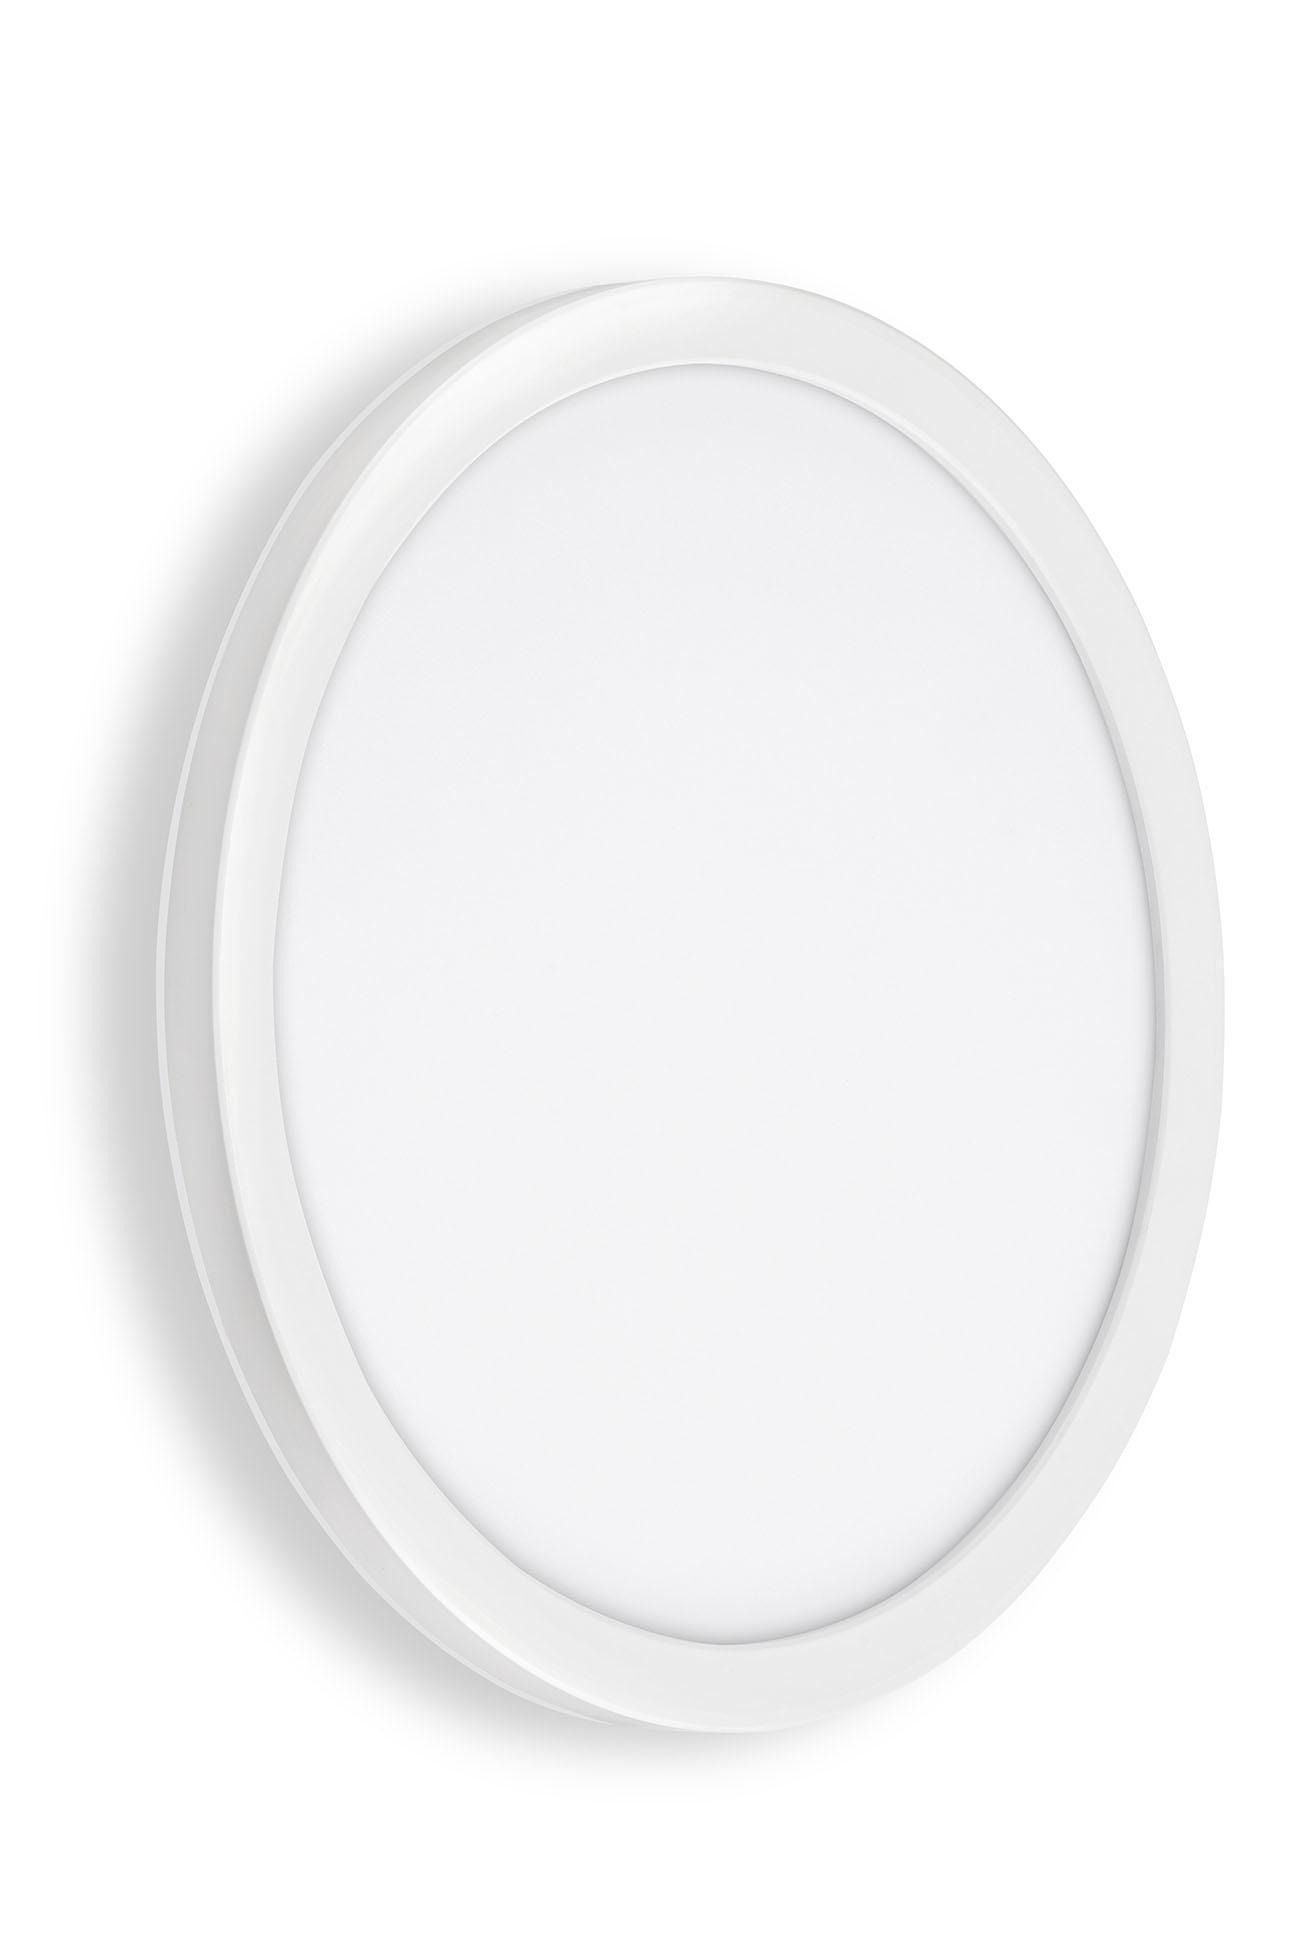 TELEFUNKEN LED Aussenwandleuchte, Ø 28 cm, 15 W, Weiss